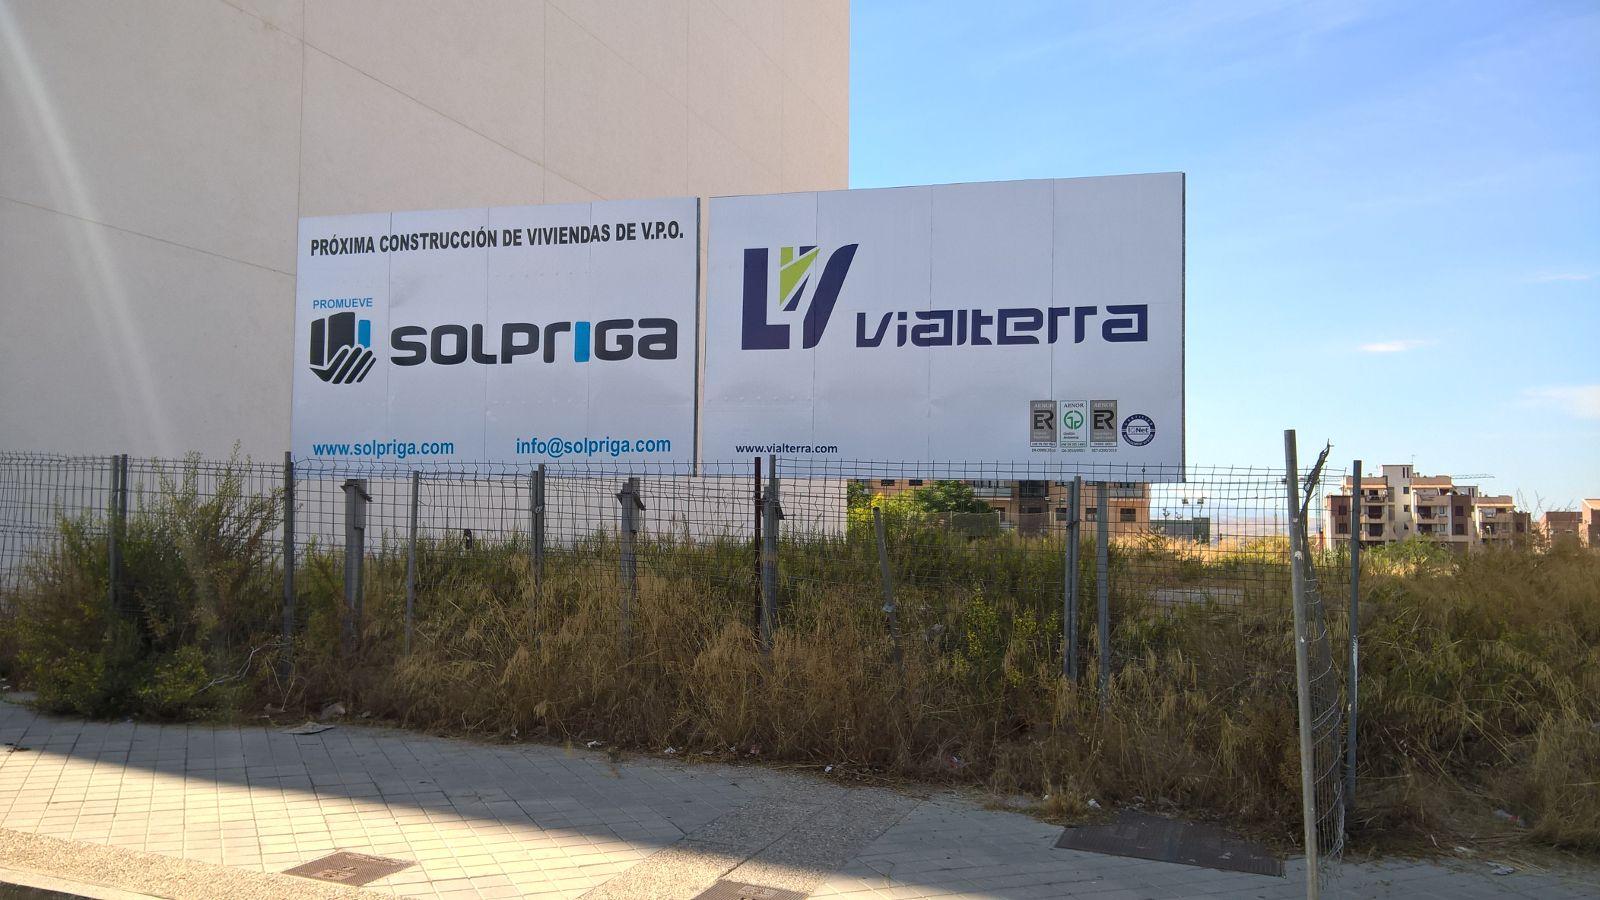 VIALTERRA INFRAESTRUCTURAS CONSTRUIRÁ 82 VIVIENDAS EN LA CAPITAL GRANADINA